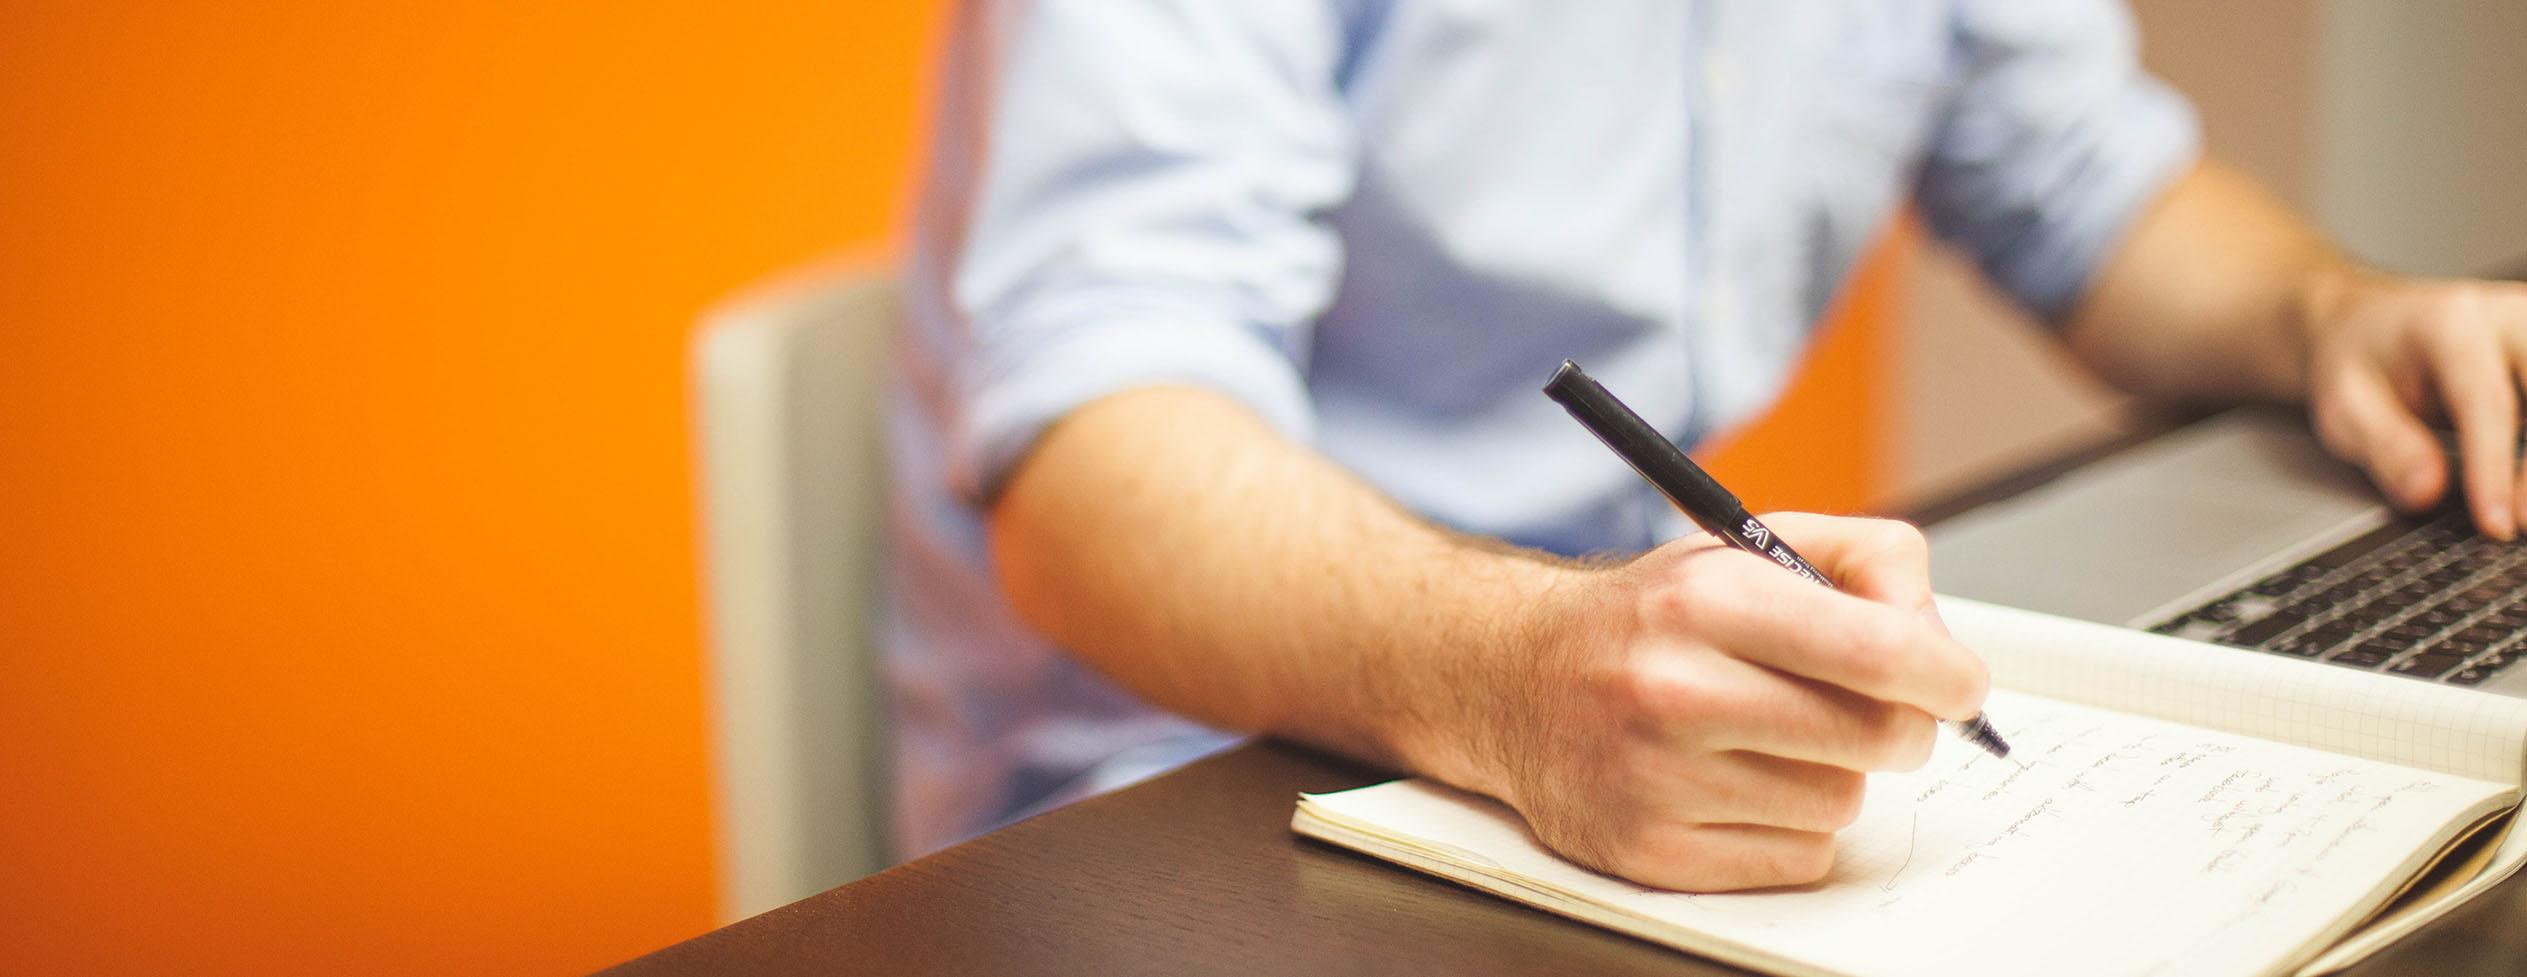 Das Foto zeigt einen Mann, der am Tisch sitzt, mit einem Laptop arbeitet und gleichzeitig Notizen macht.